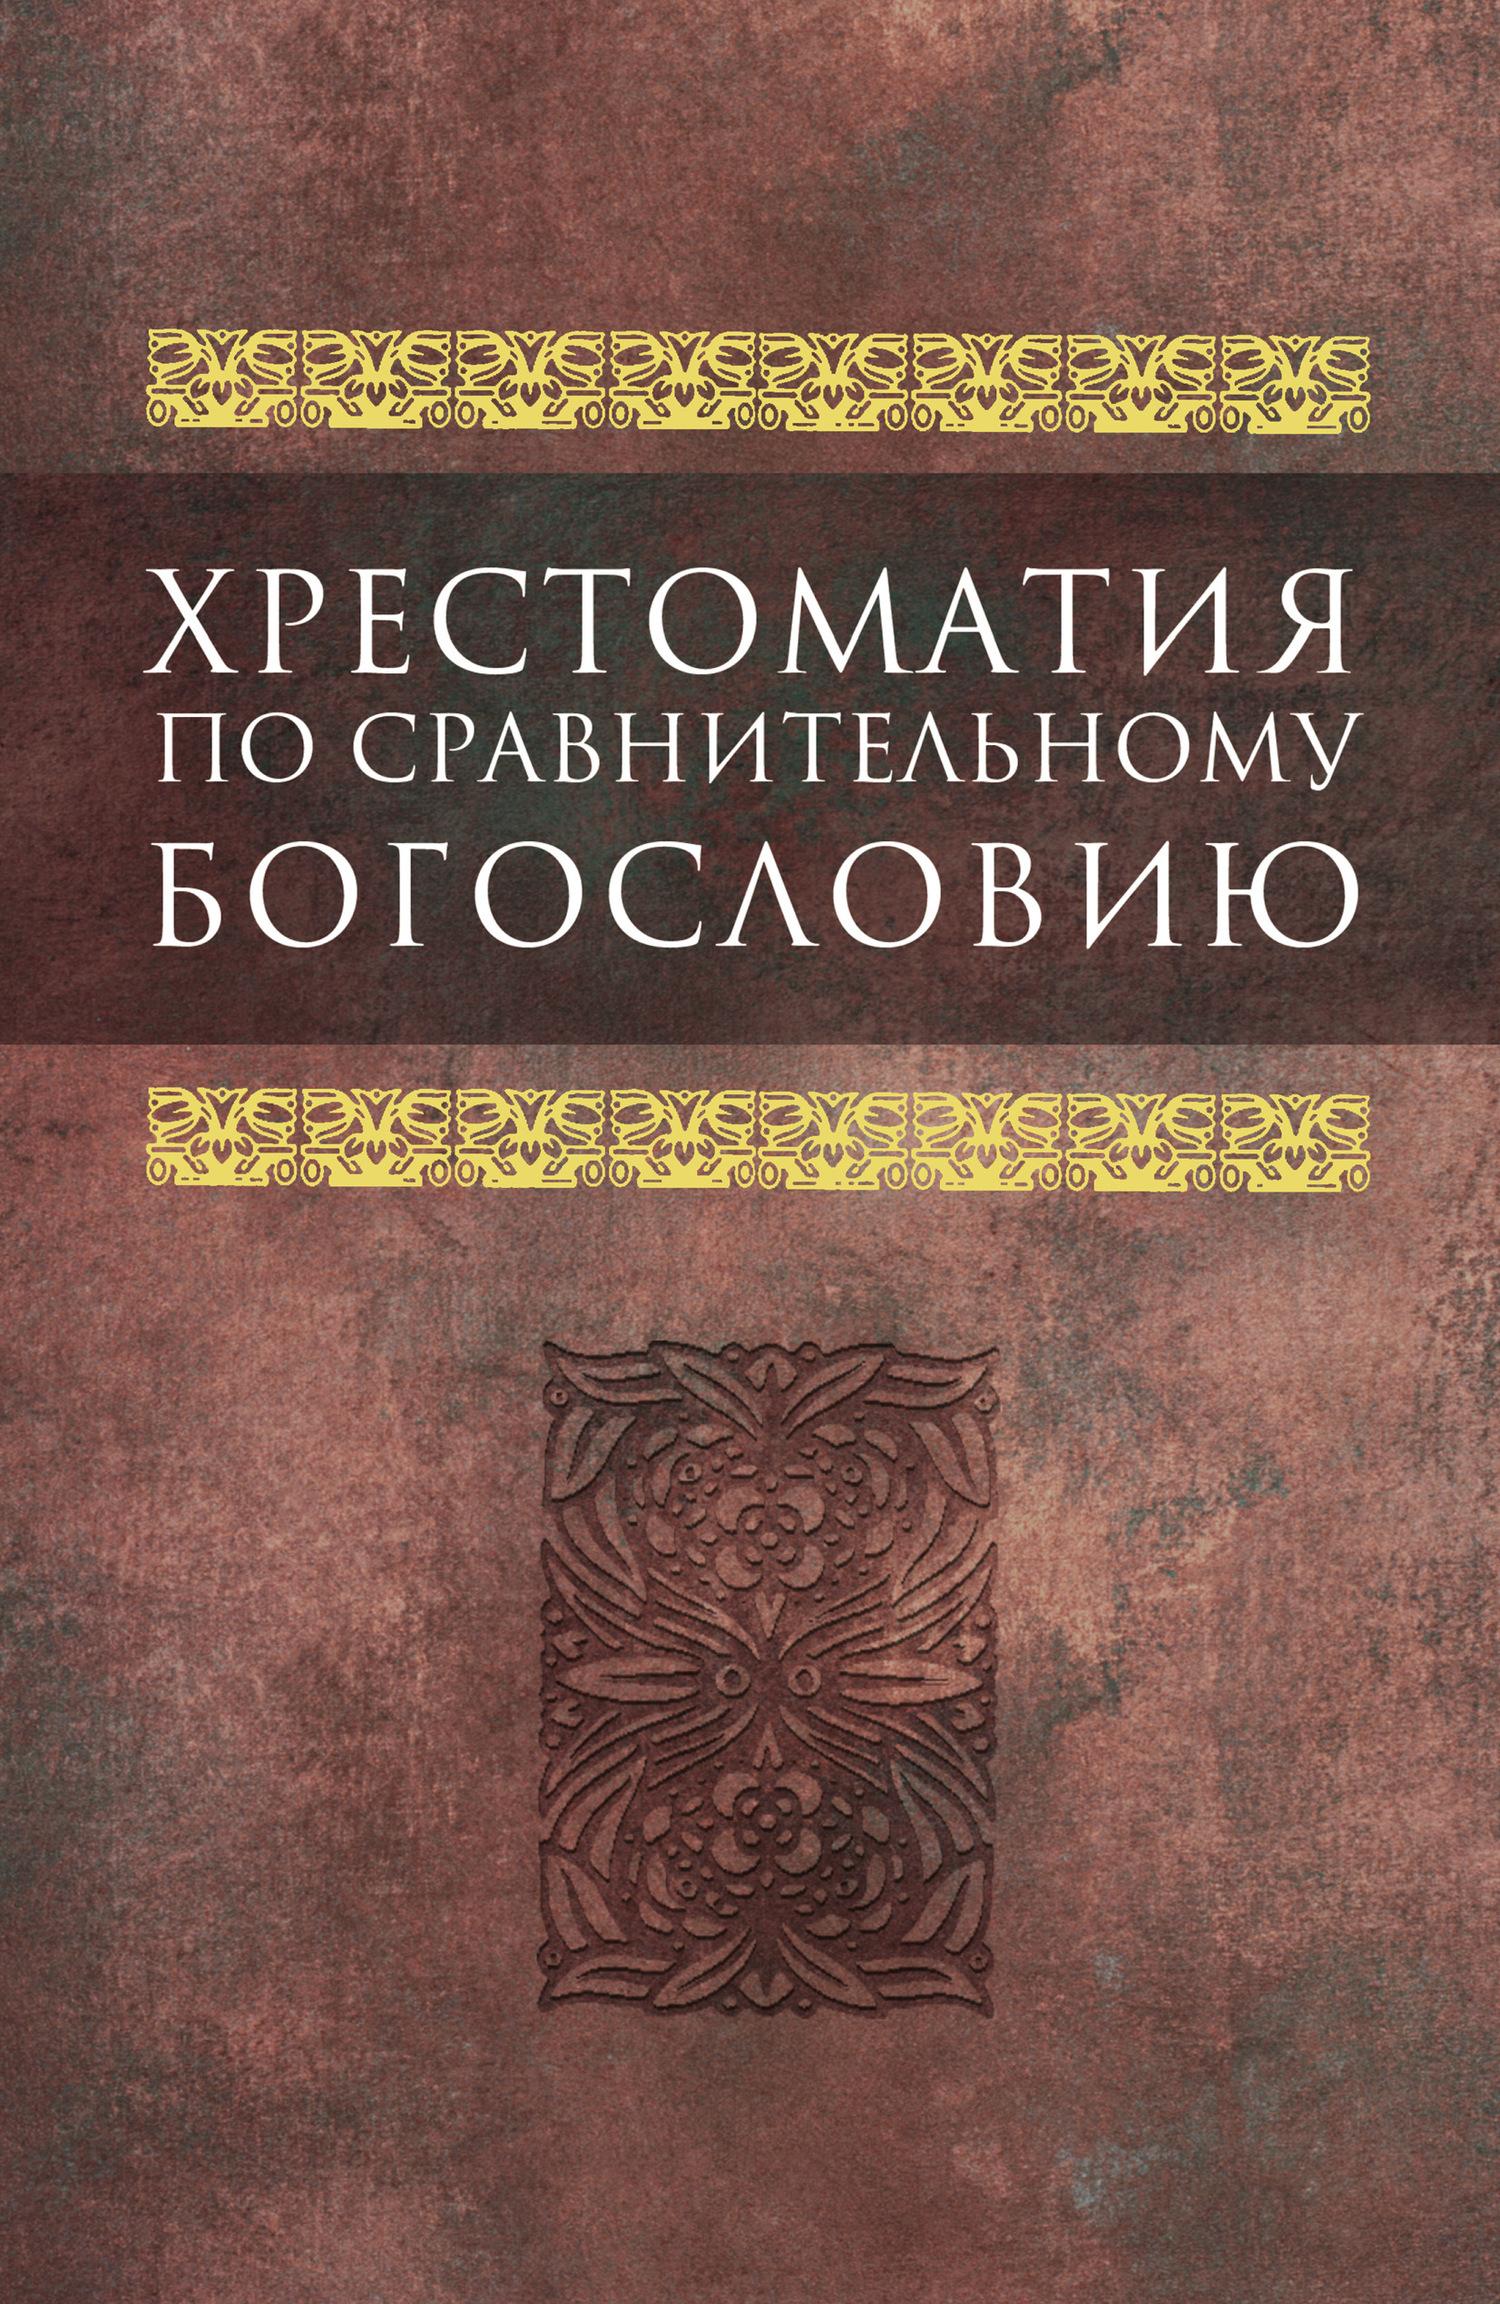 Коллектив авторов - Хрестоматия по сравнительному богословию